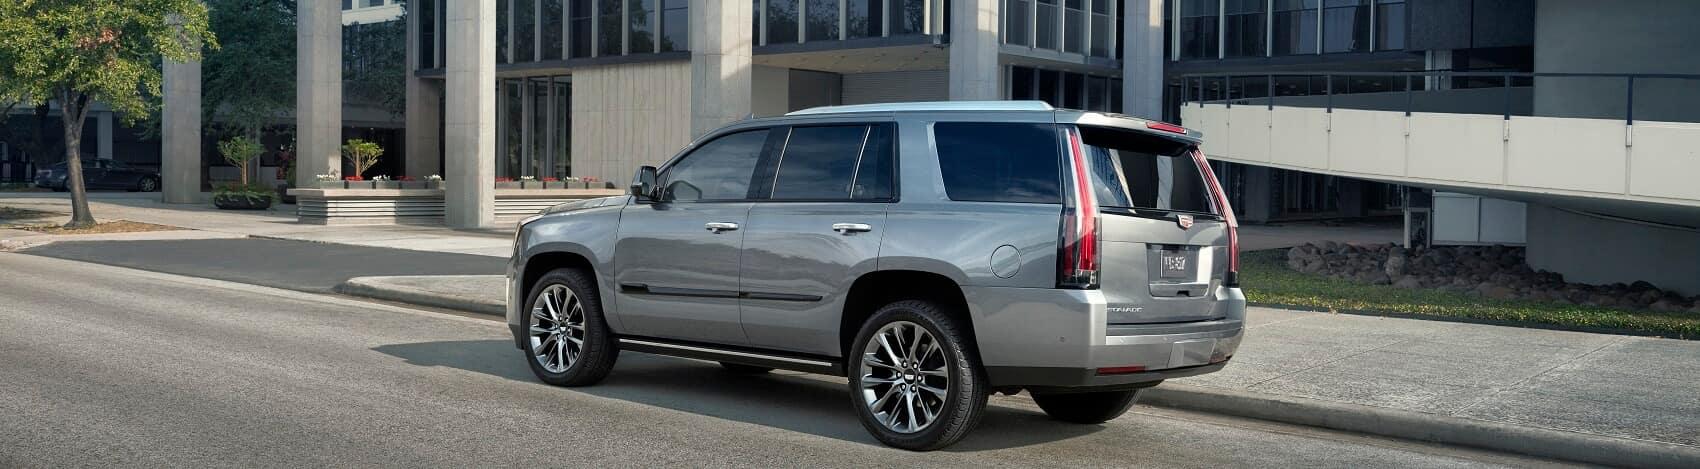 2020 Cadillac Escalade parked